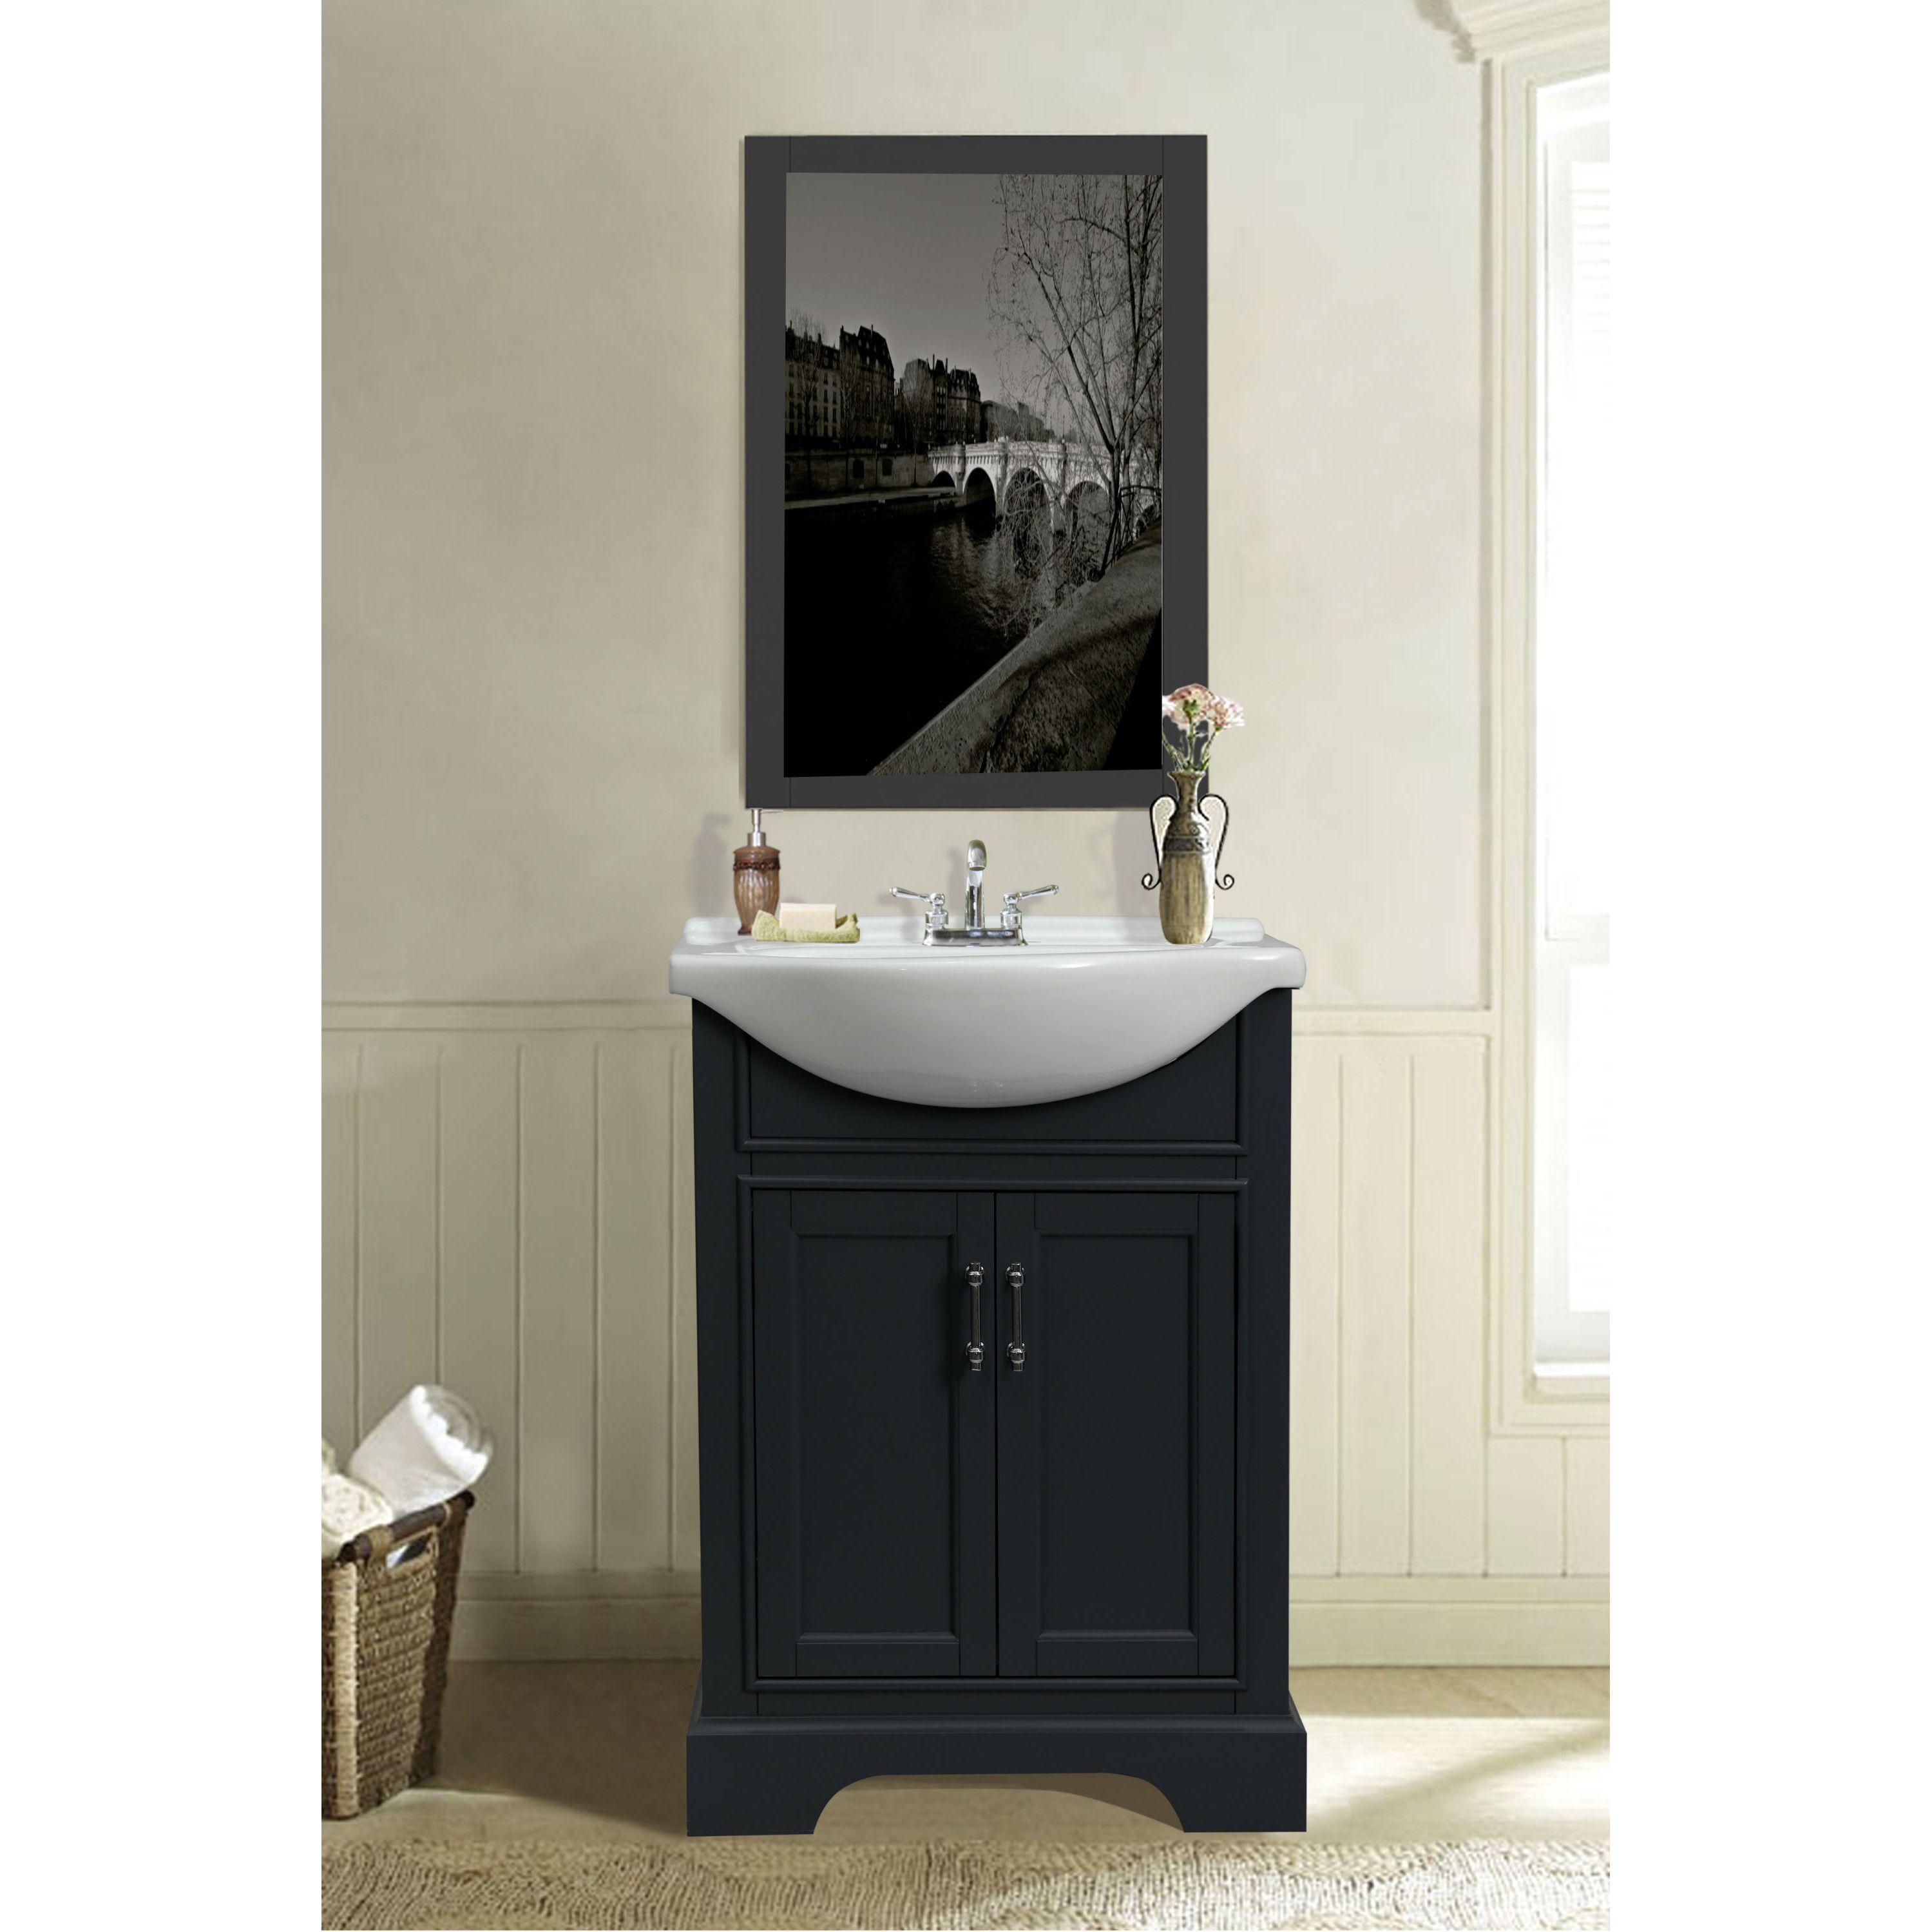 24 In Bathroom Vanity In Dark Gray With Ceramic Top Vanity Sink